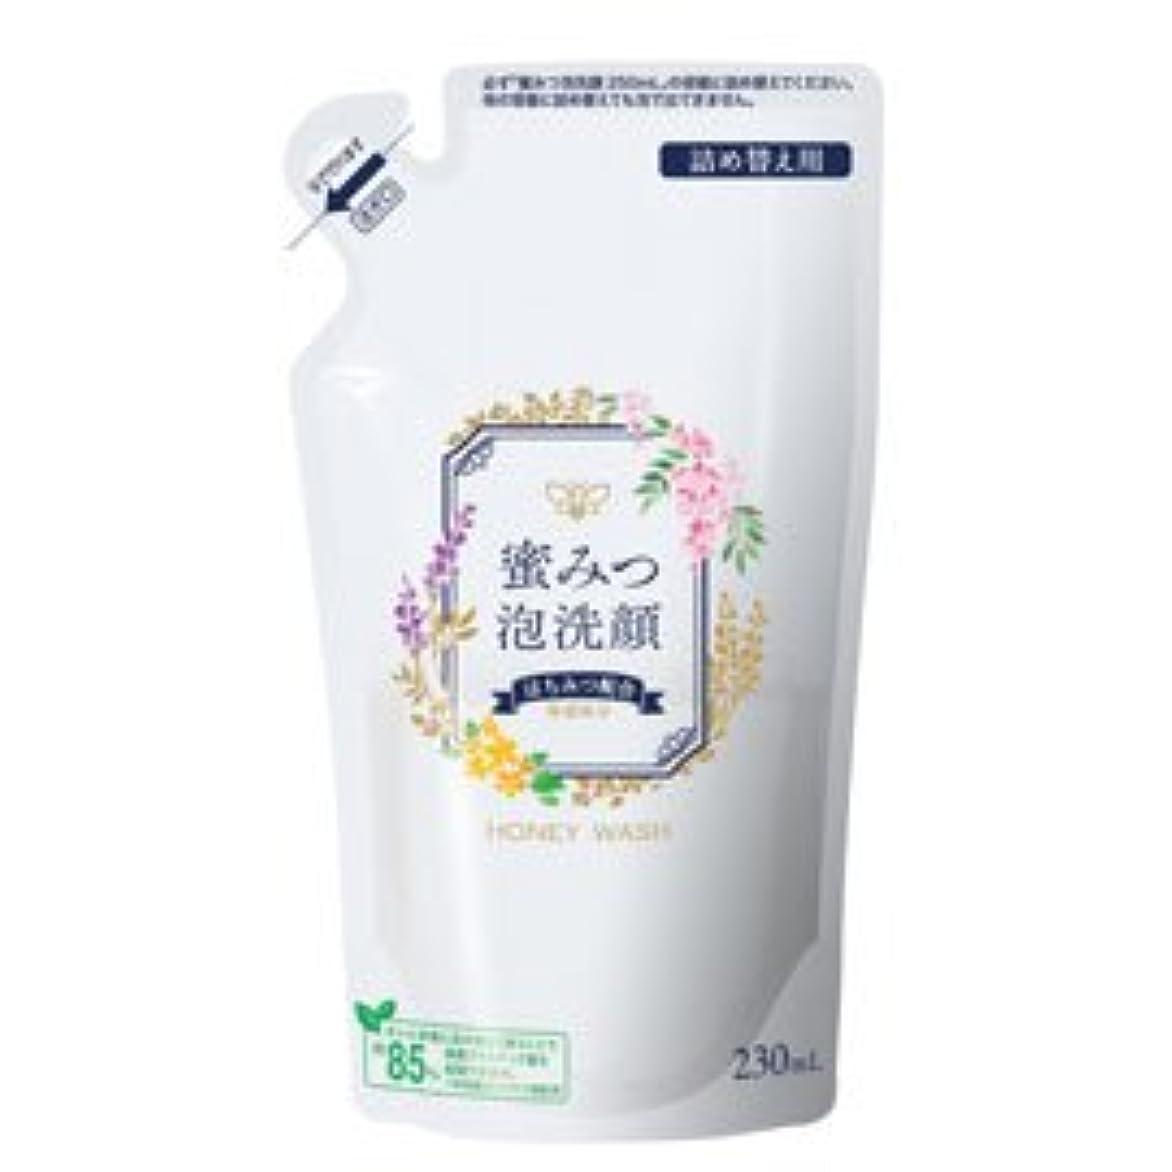 湾独特の手順蜜みつ泡洗顔 230mL(詰替用)